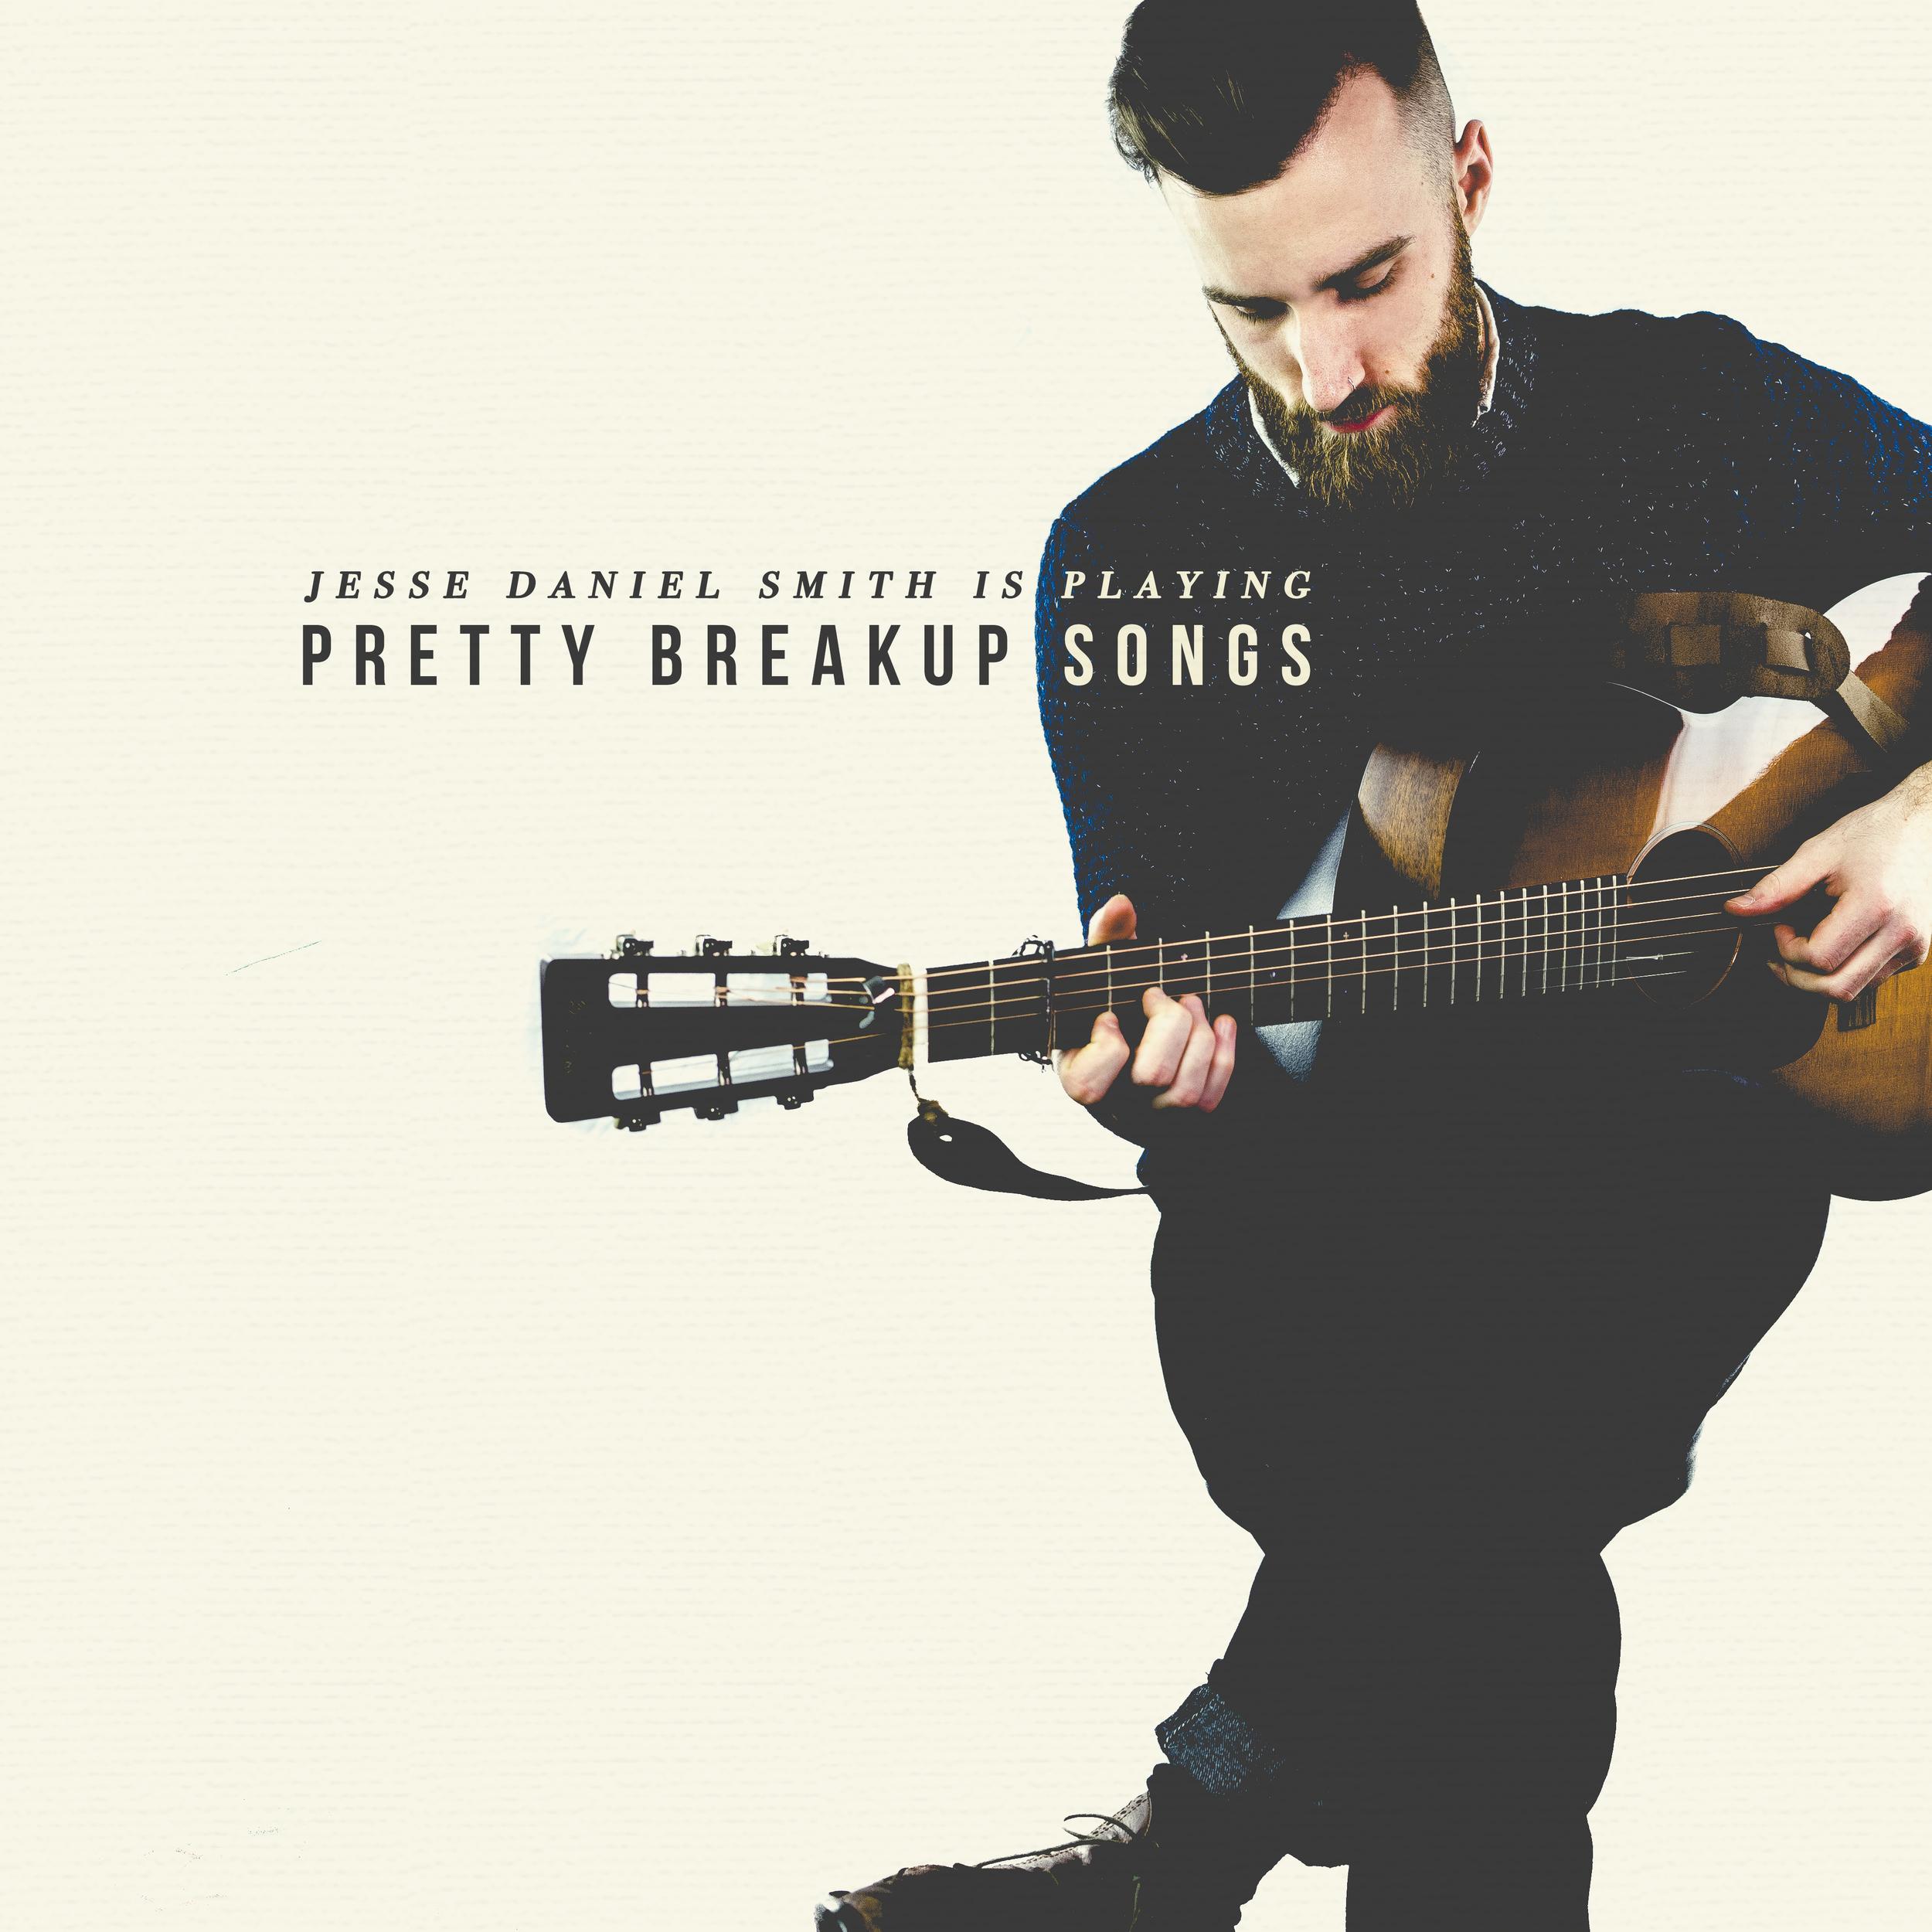 Pretty Breakup Songs - Jesse Daniel Smith